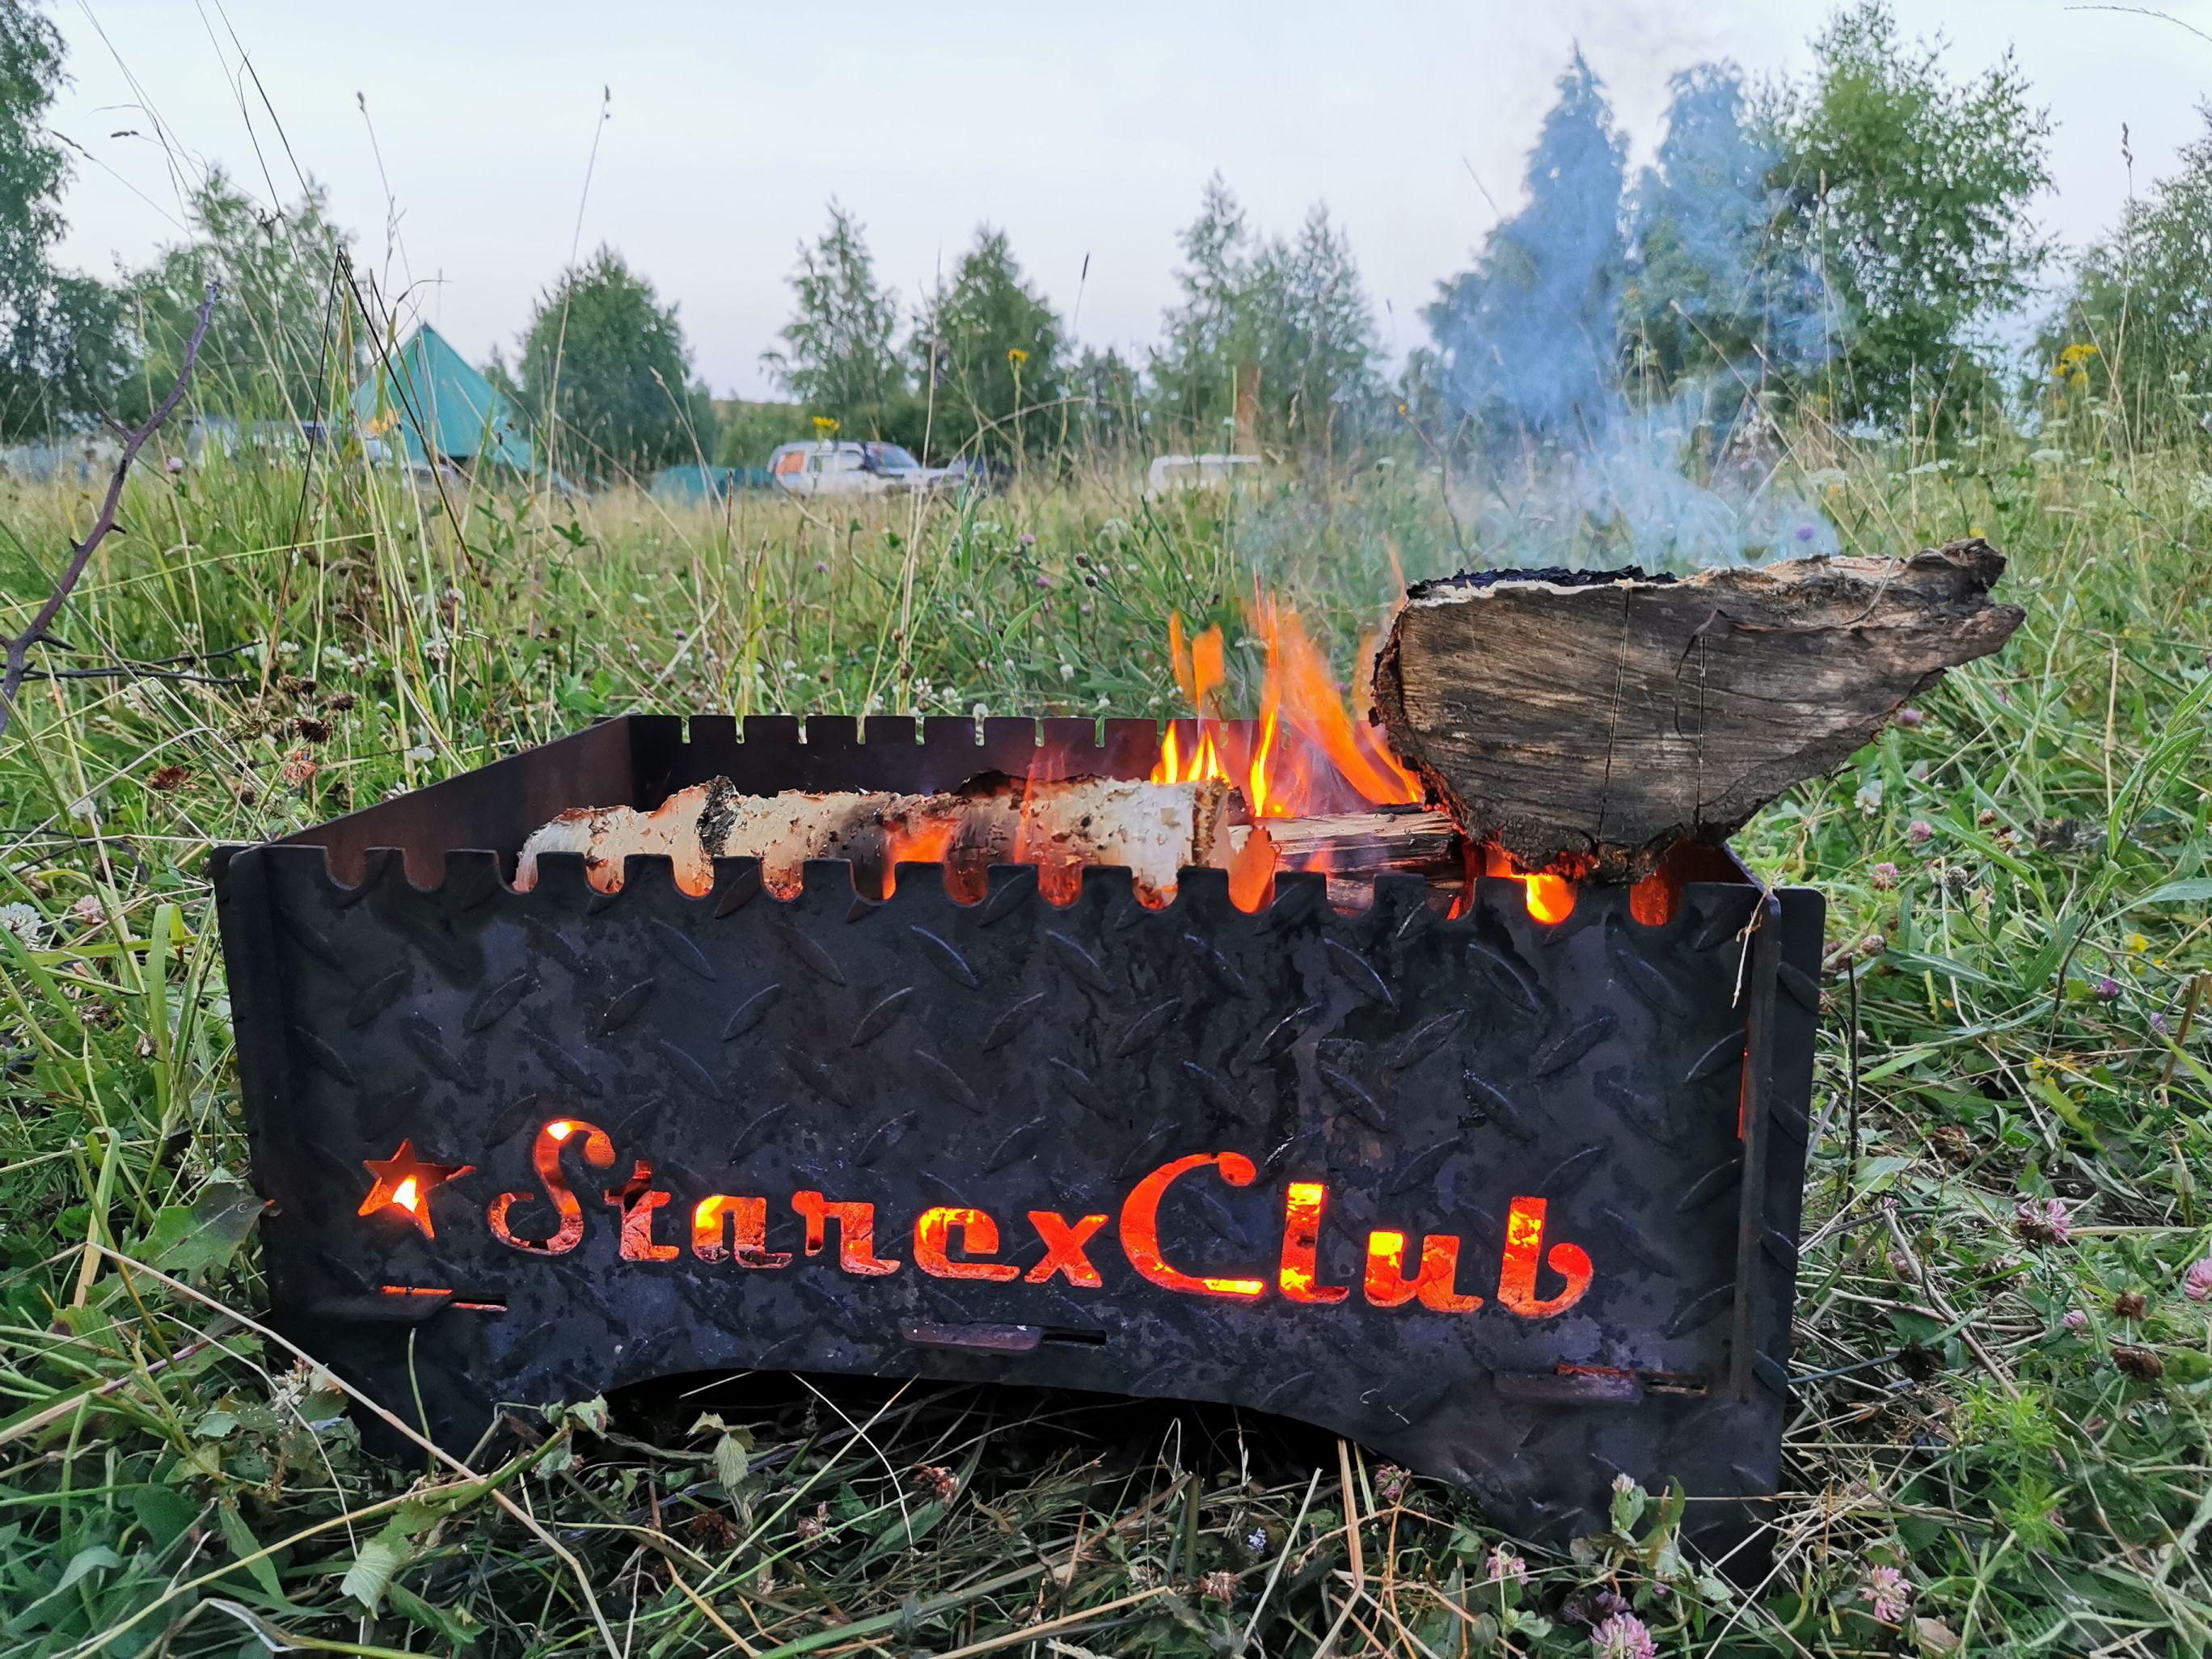 starex-club